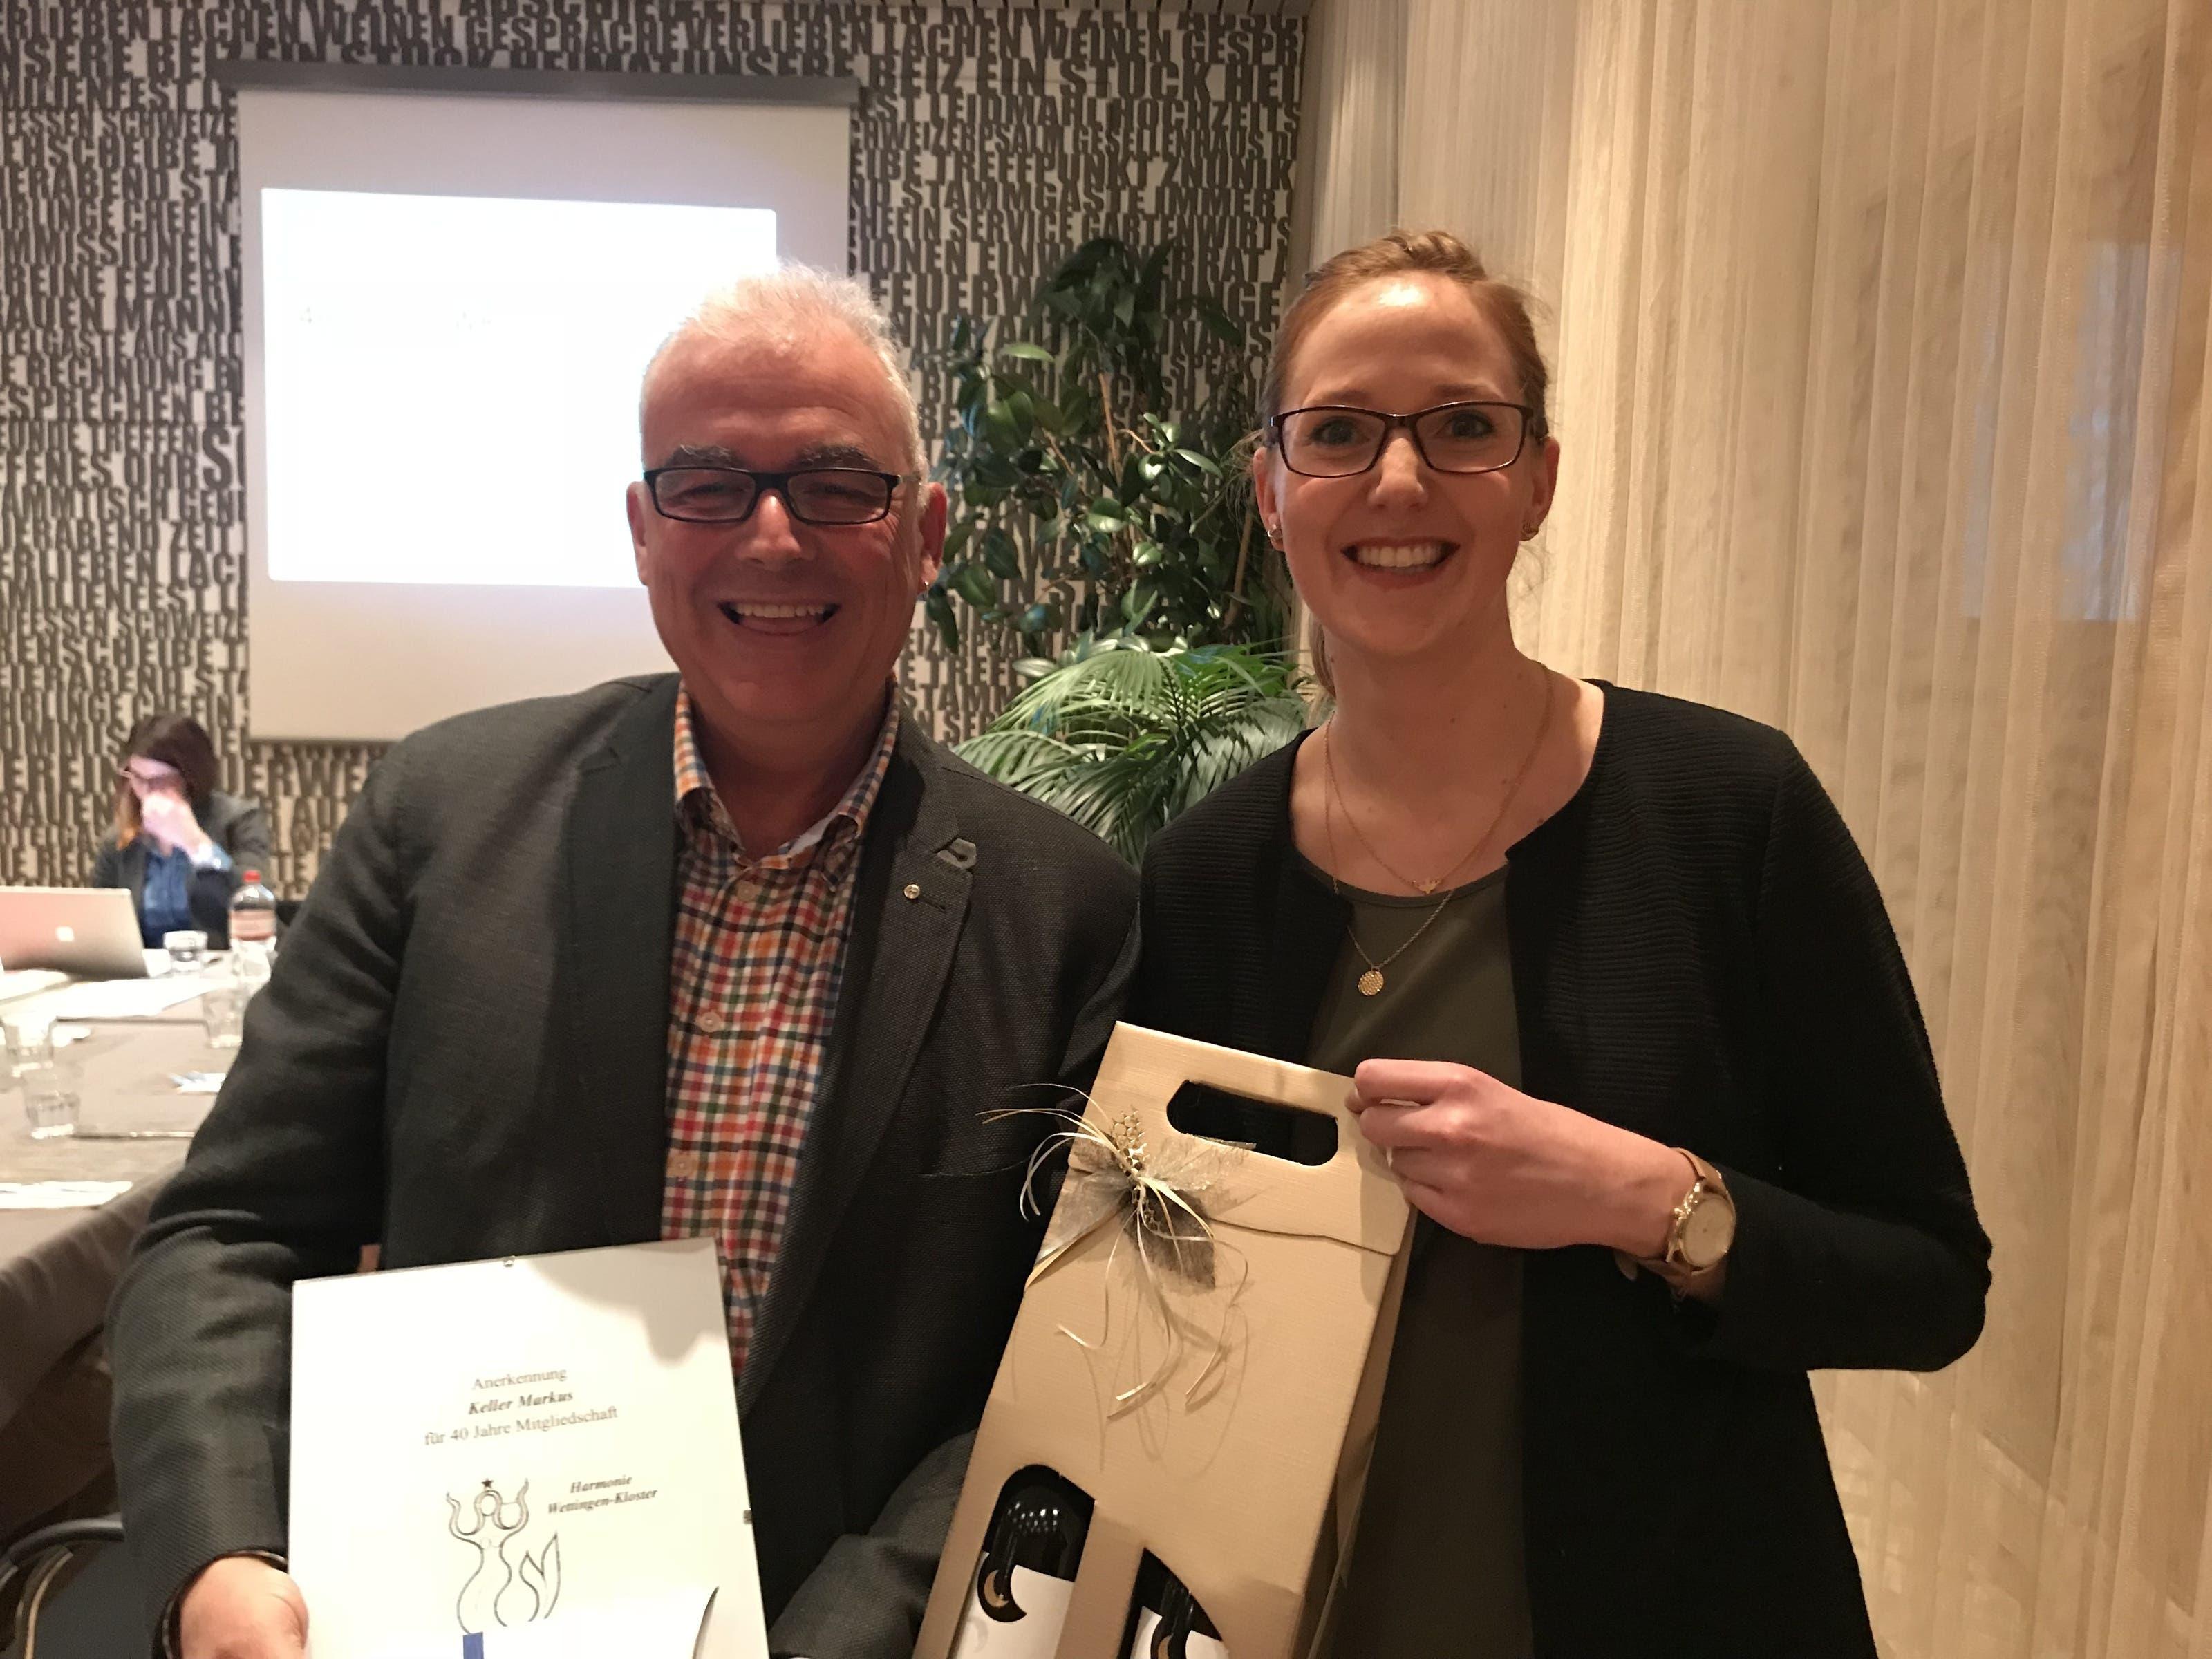 Markus Keller, Ehrung 40 Jahre HWK Mitgliederbetreuerin Manuela Gruber mit Präsenten für den geehrten Markus Keller für 40 Jahre aktive Mitgliedschaft im Verein.